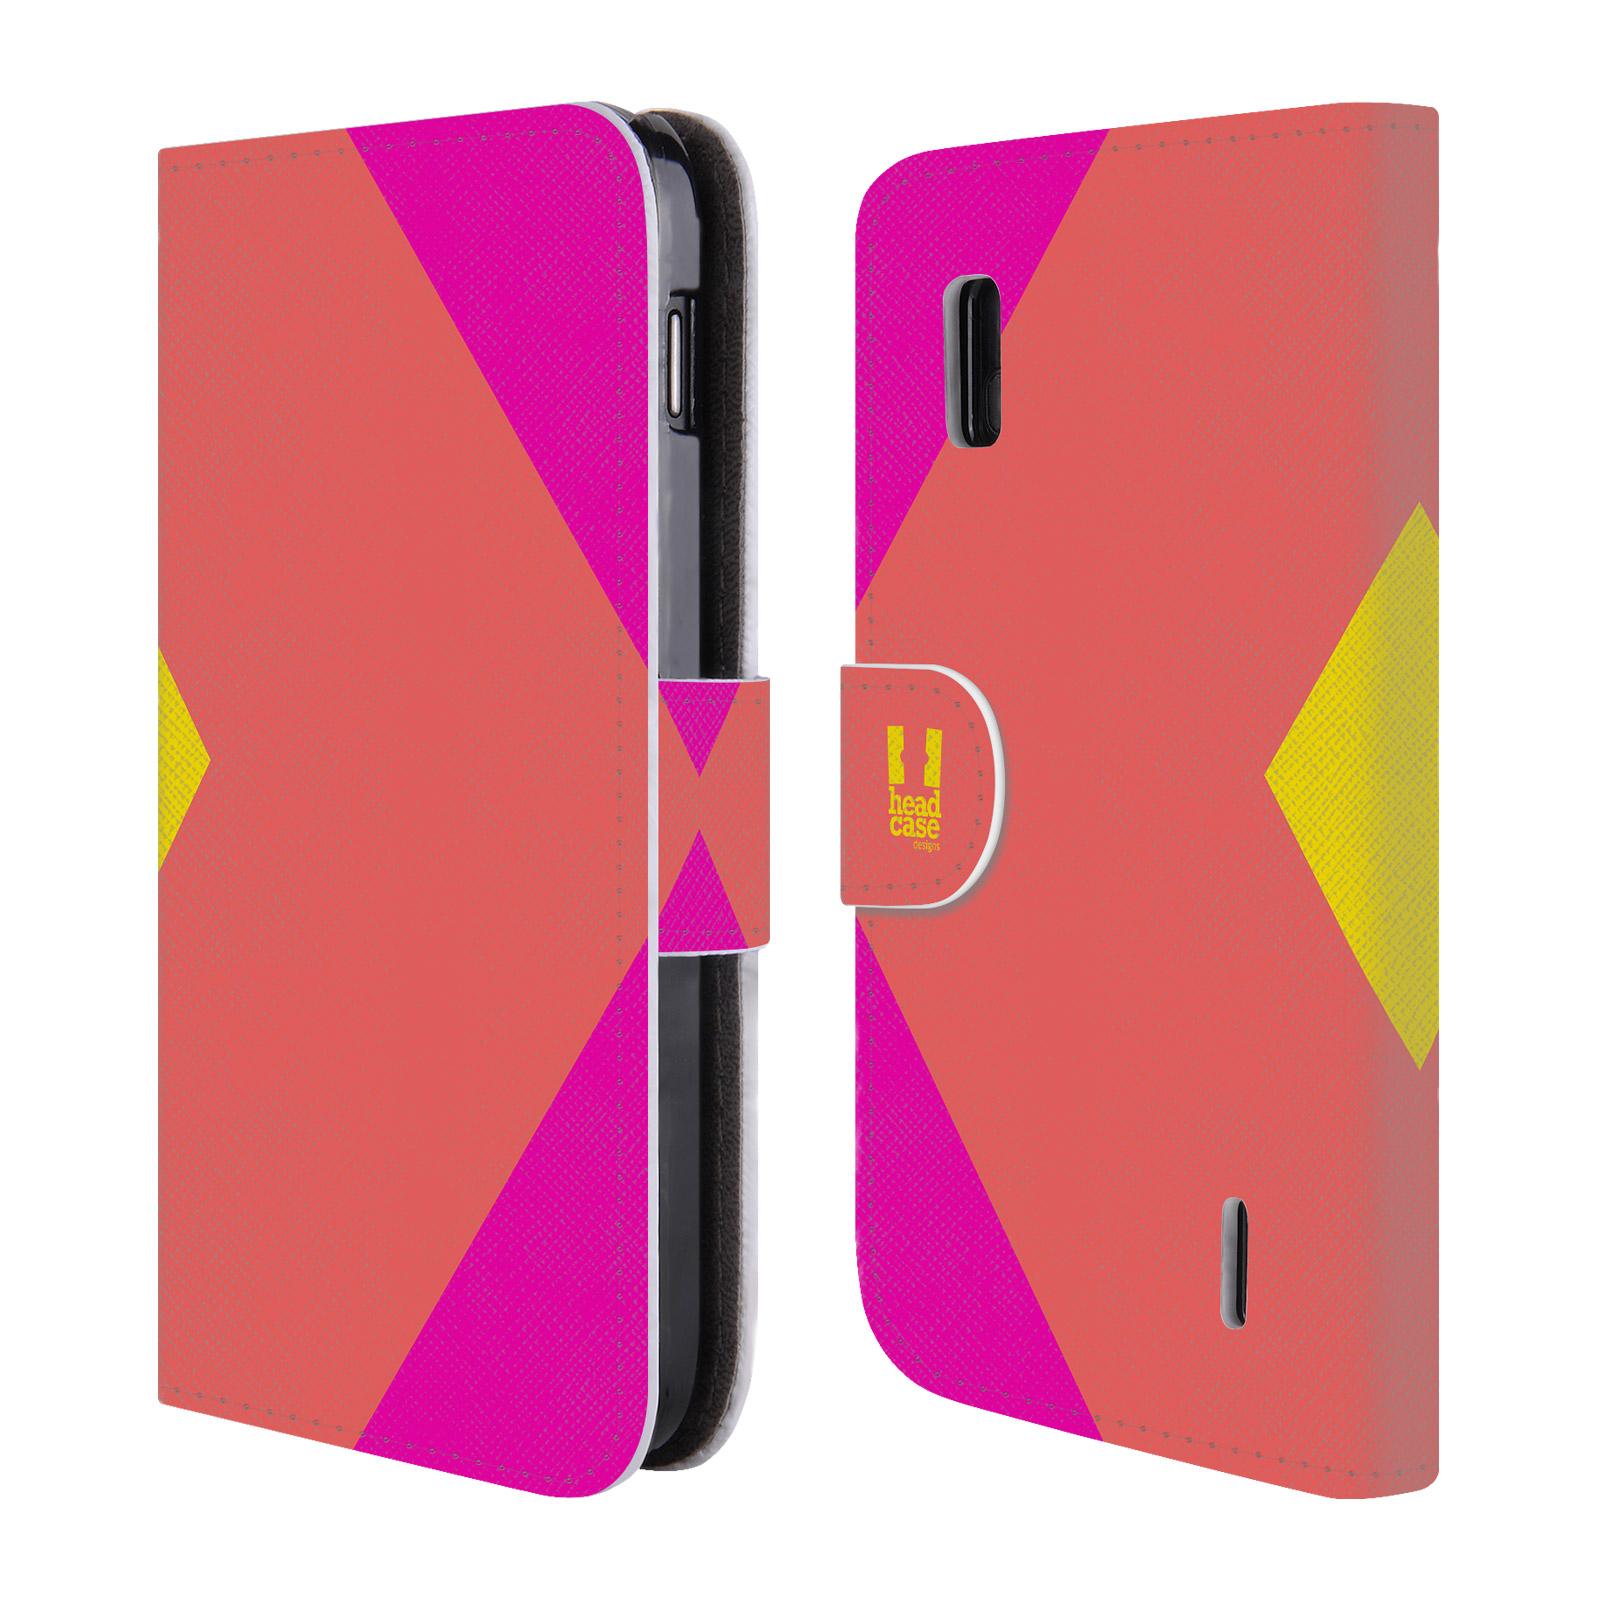 HEAD CASE Flipové pouzdro pro mobil LG NEXUS 4 barevné tvary růžová korál